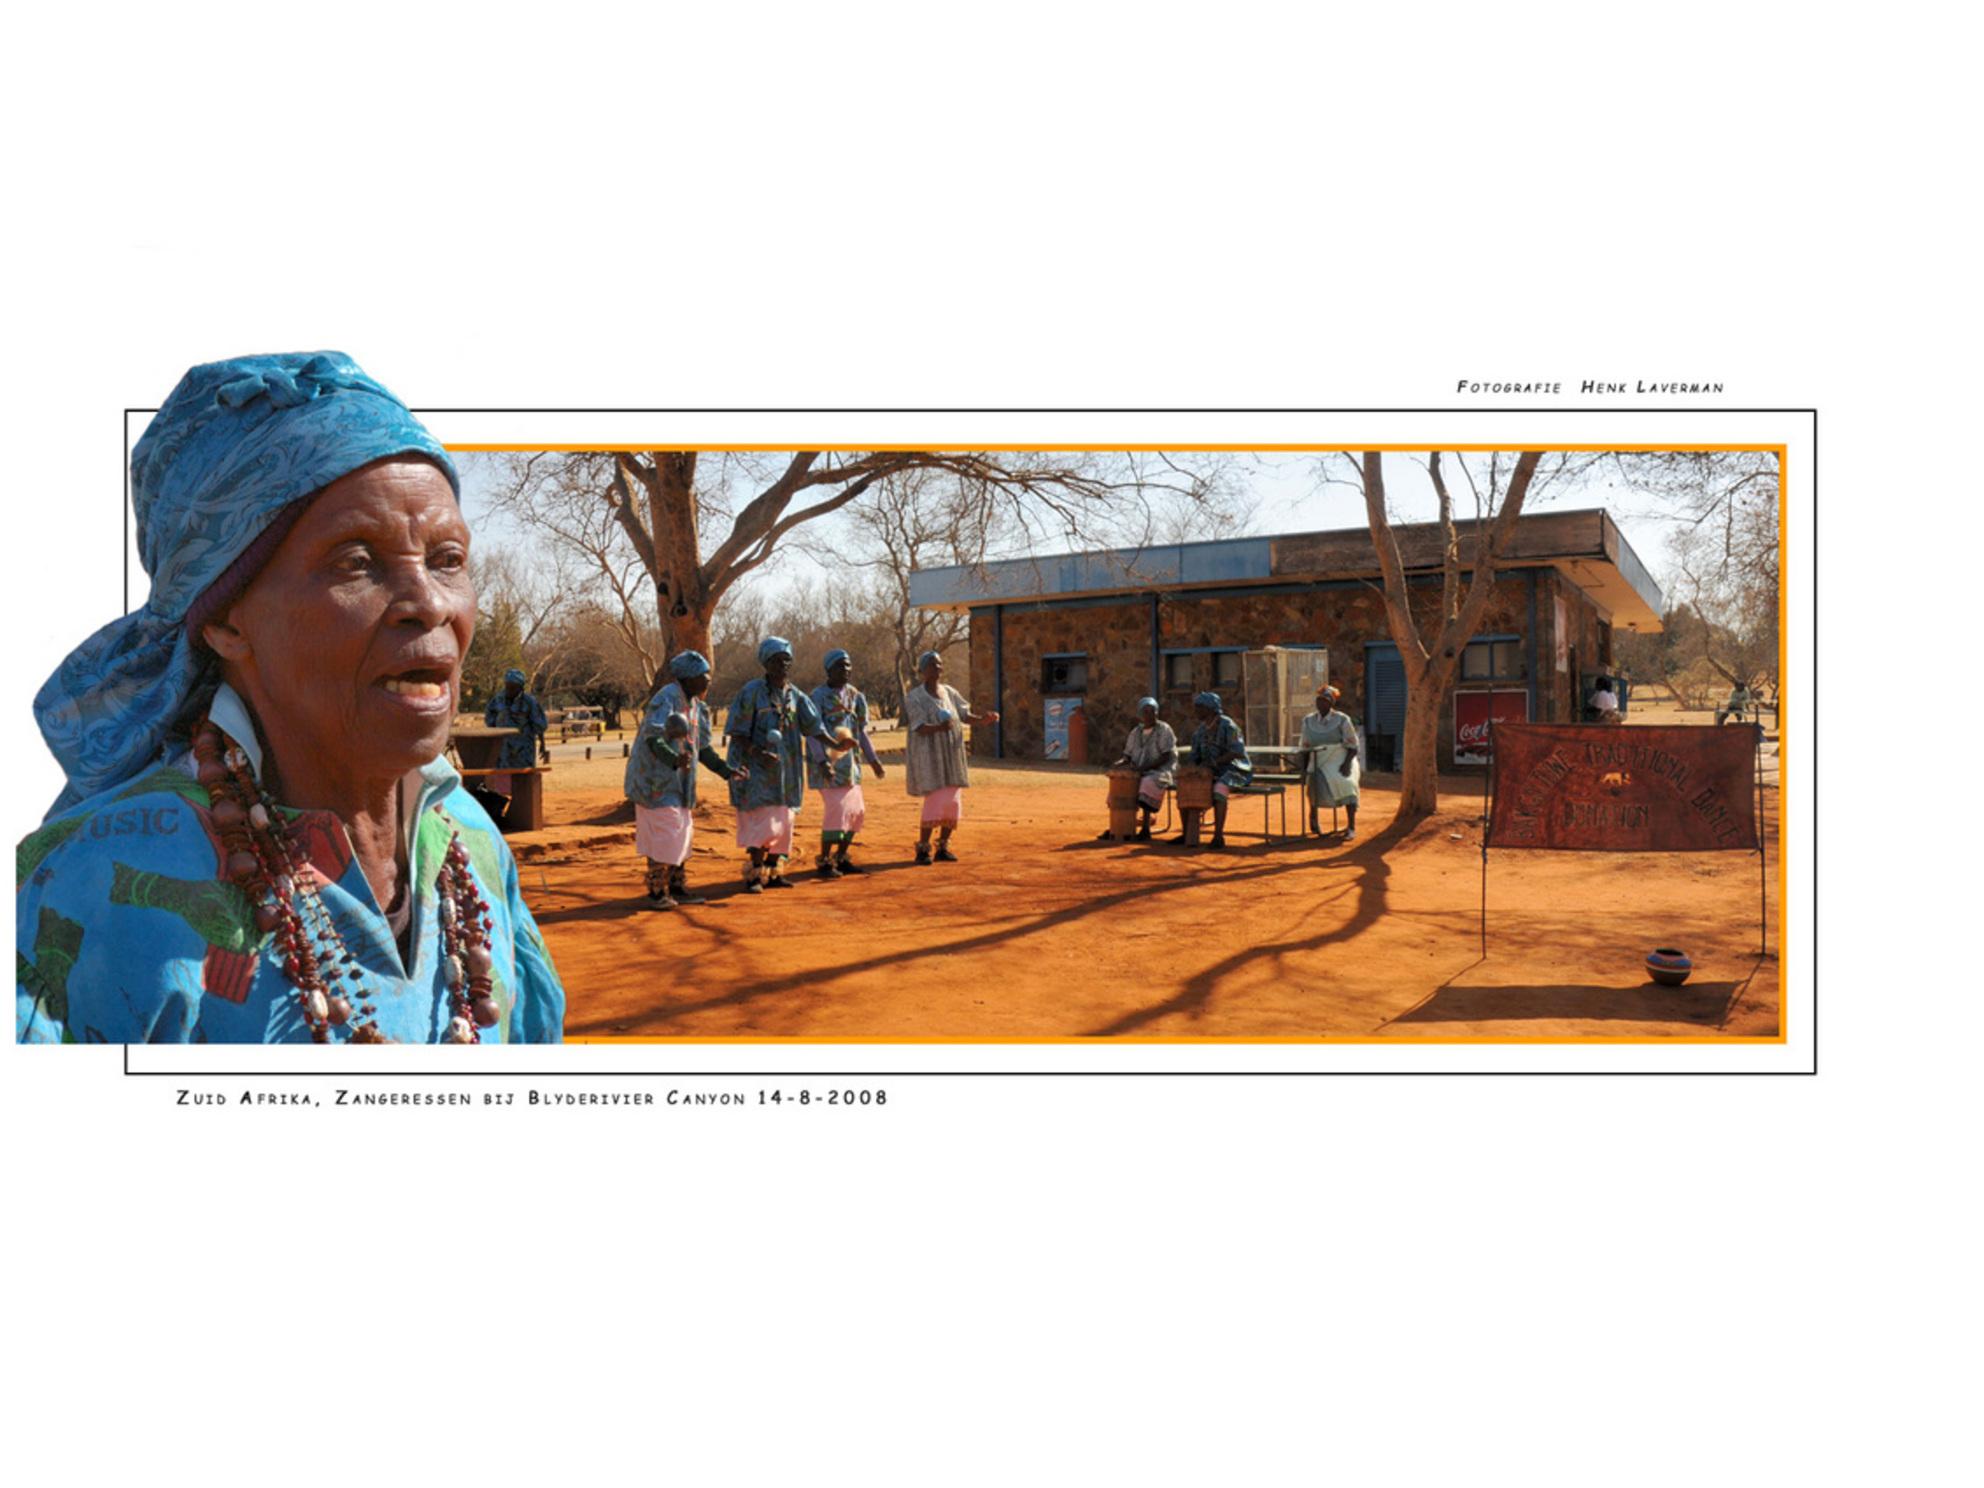 Afrikaanse zangeressen - Bij ons in Nederland zie je al gauw mensen op leeftijd achter de Geraniums zitten. Kennelijk is dat in Afrika geheel anders, daar treden ze met regel - foto door Henk Laverman op 15-05-2009 - deze foto bevat: natuur, safari, zuid, afrika, afrikaanse, canyon, vrouwen, geraniums, zangeressen, blyderivier - Deze foto mag gebruikt worden in een Zoom.nl publicatie